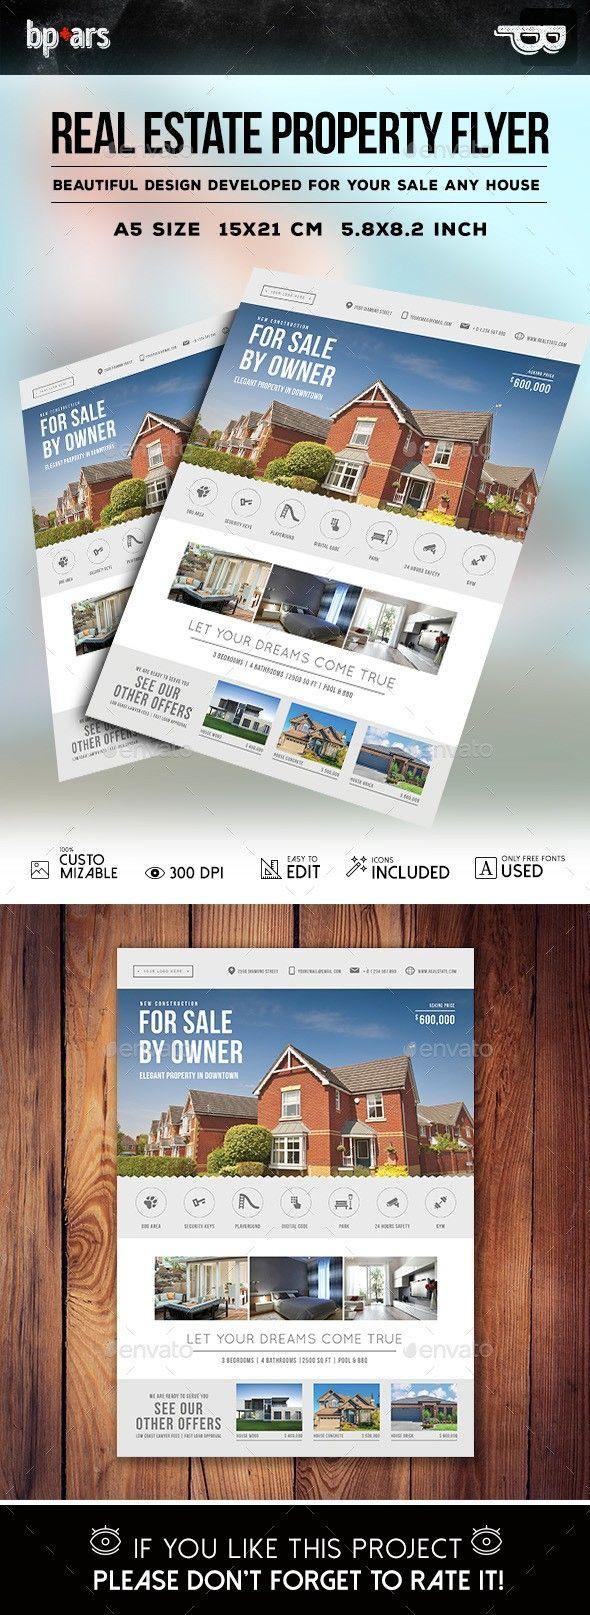 Real State Property Flyer Real Estates Design Real Estate Flyers Flyer